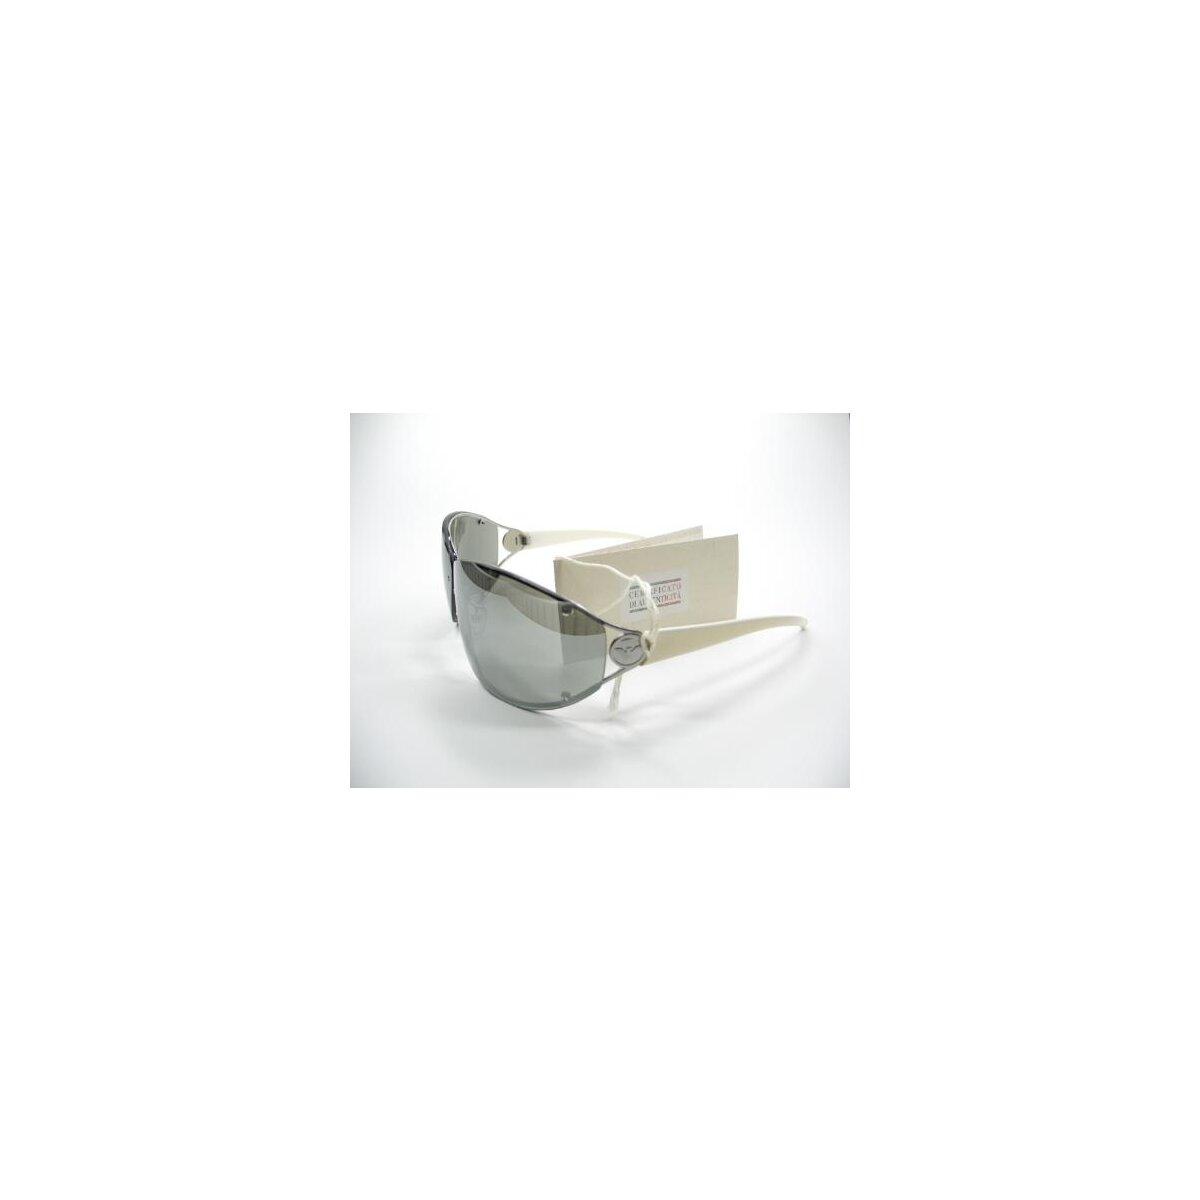 Armani Sonnenbrille Damen Preisvergleich • Die besten Angebote ...